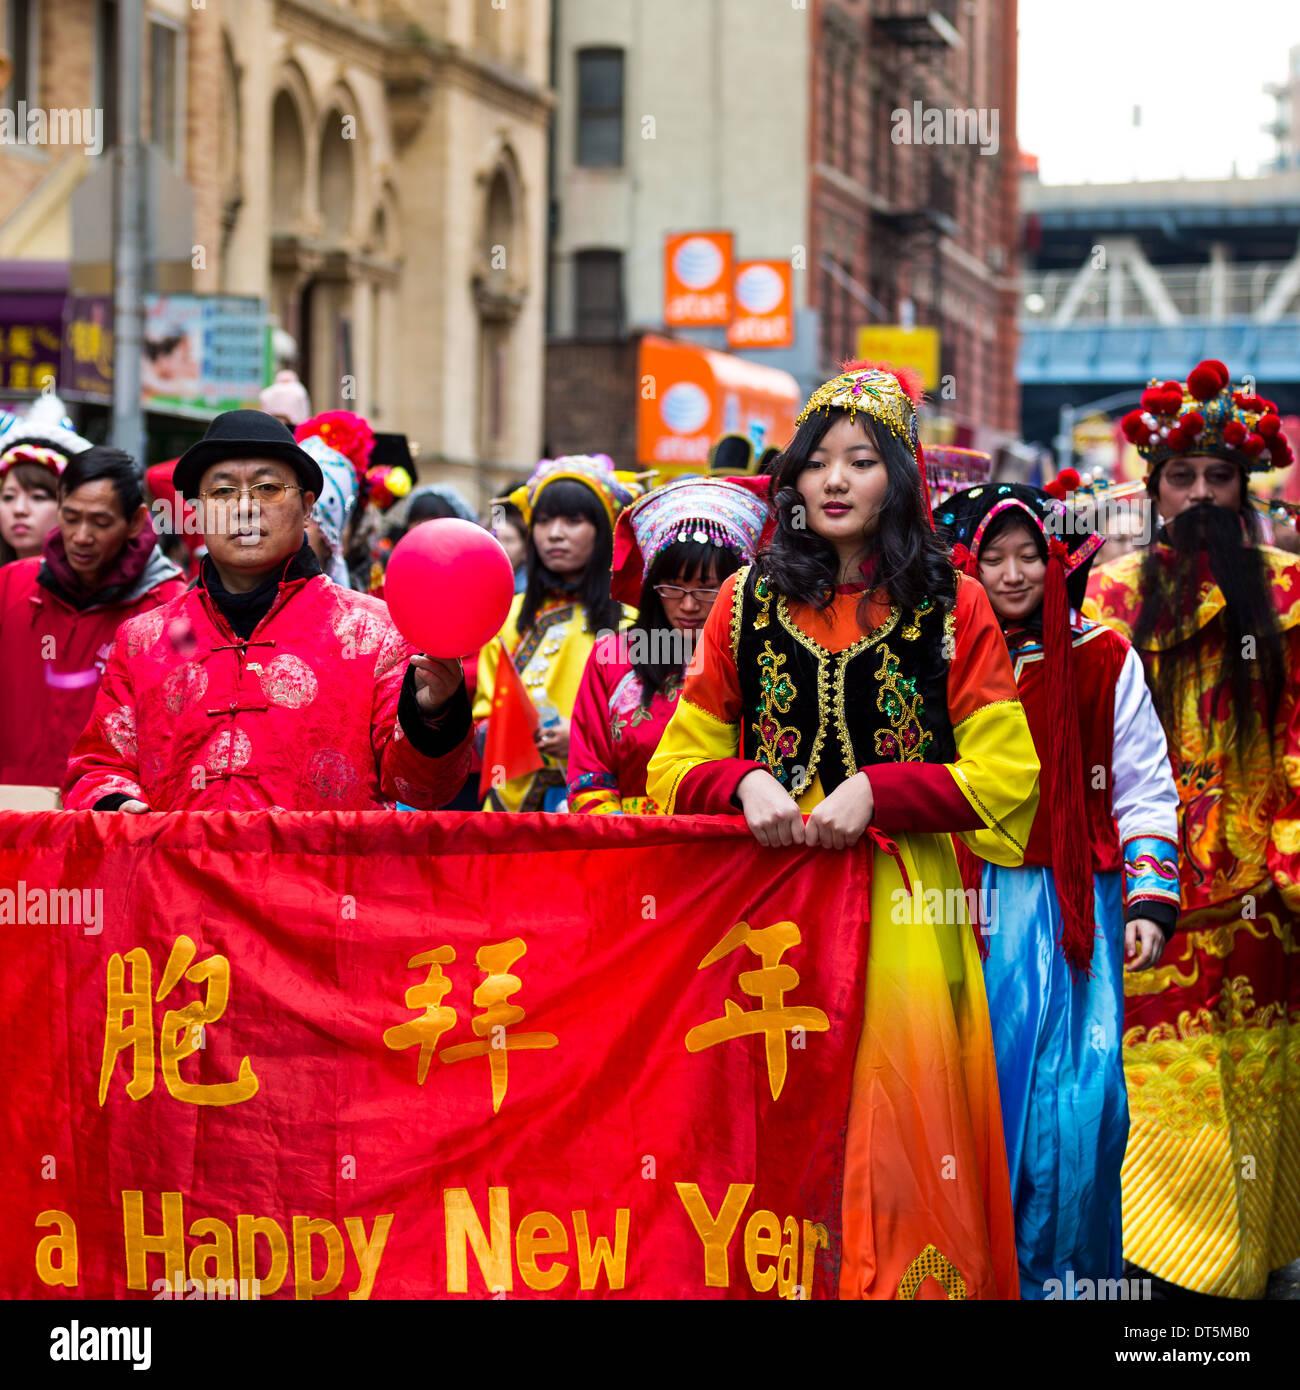 Les Américains chinois habillés en costumes traditionnels lors de la parade du Nouvel An lunaire dans Chinatown. Photo Stock